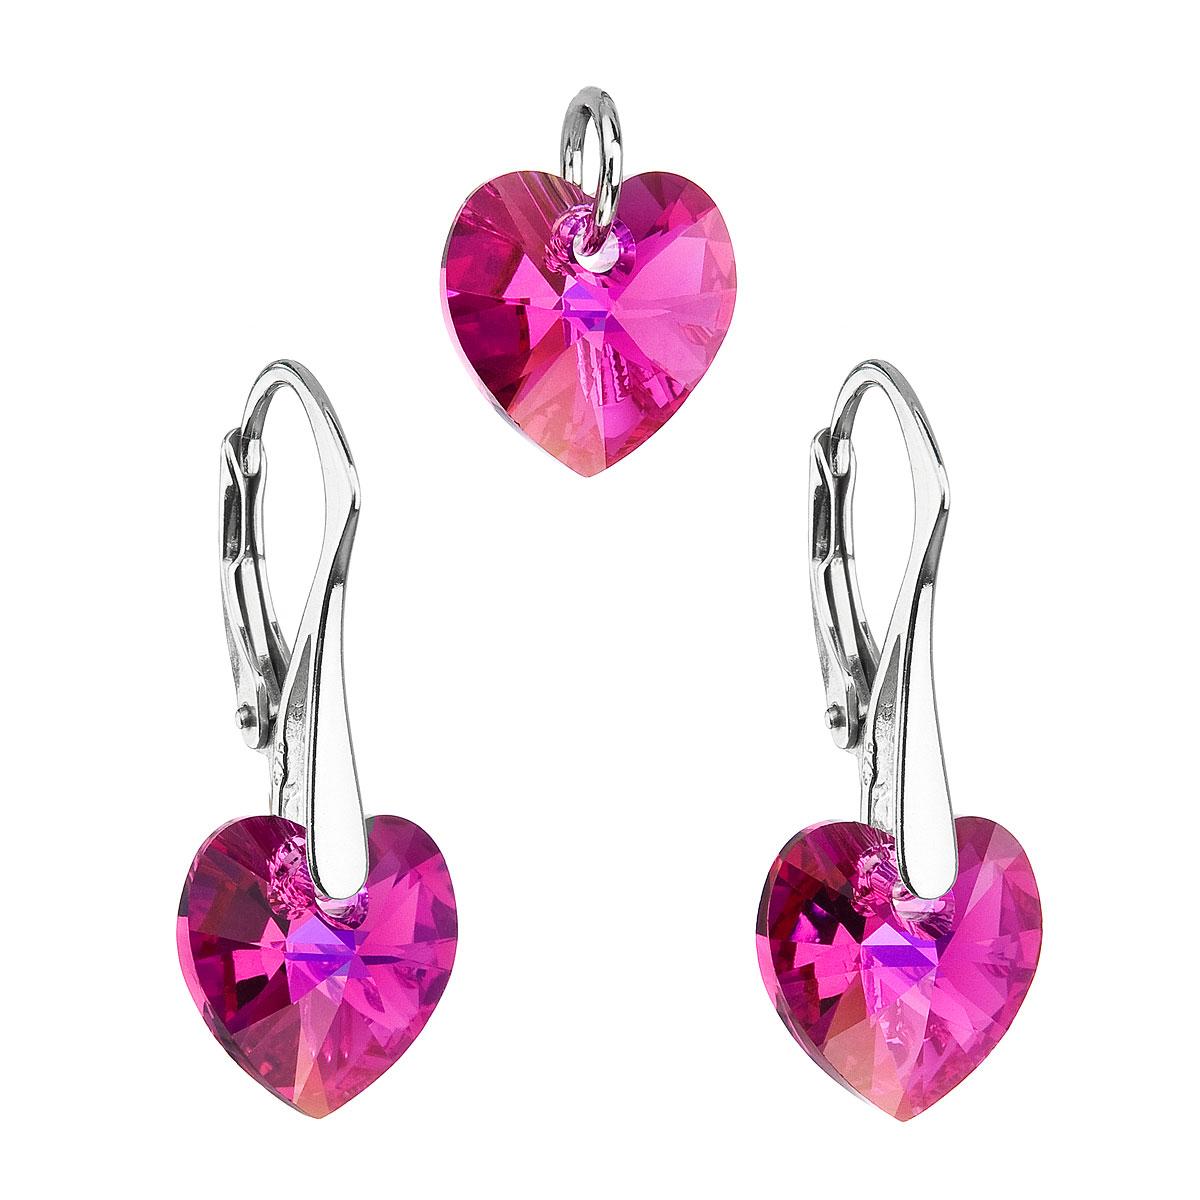 Evolution Group Sada šperků s krystaly Swarovski náušnice a přívěsek růžová srdce 39003.4